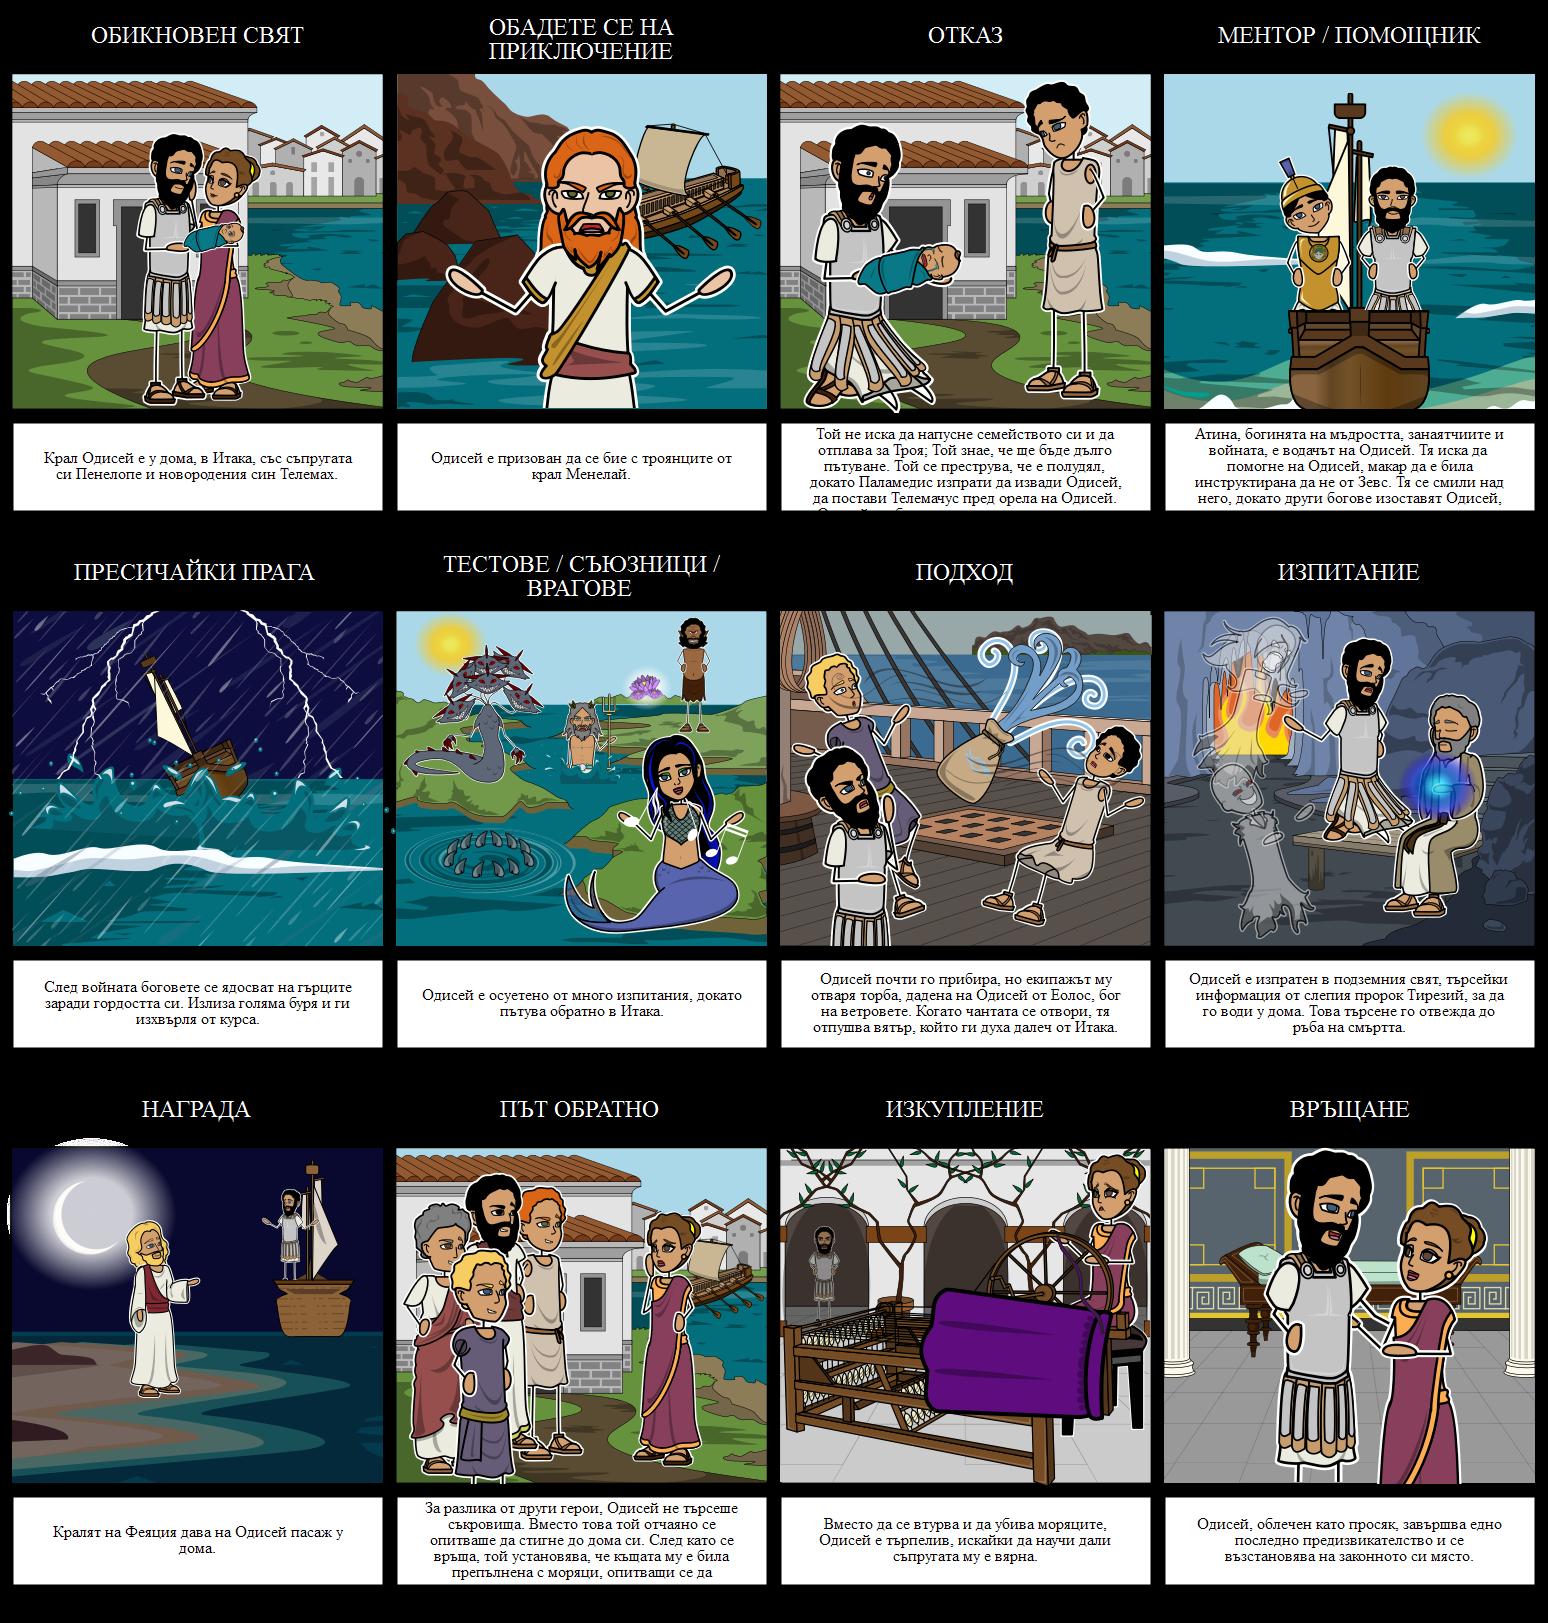 Одисейното Героично Пътешествие